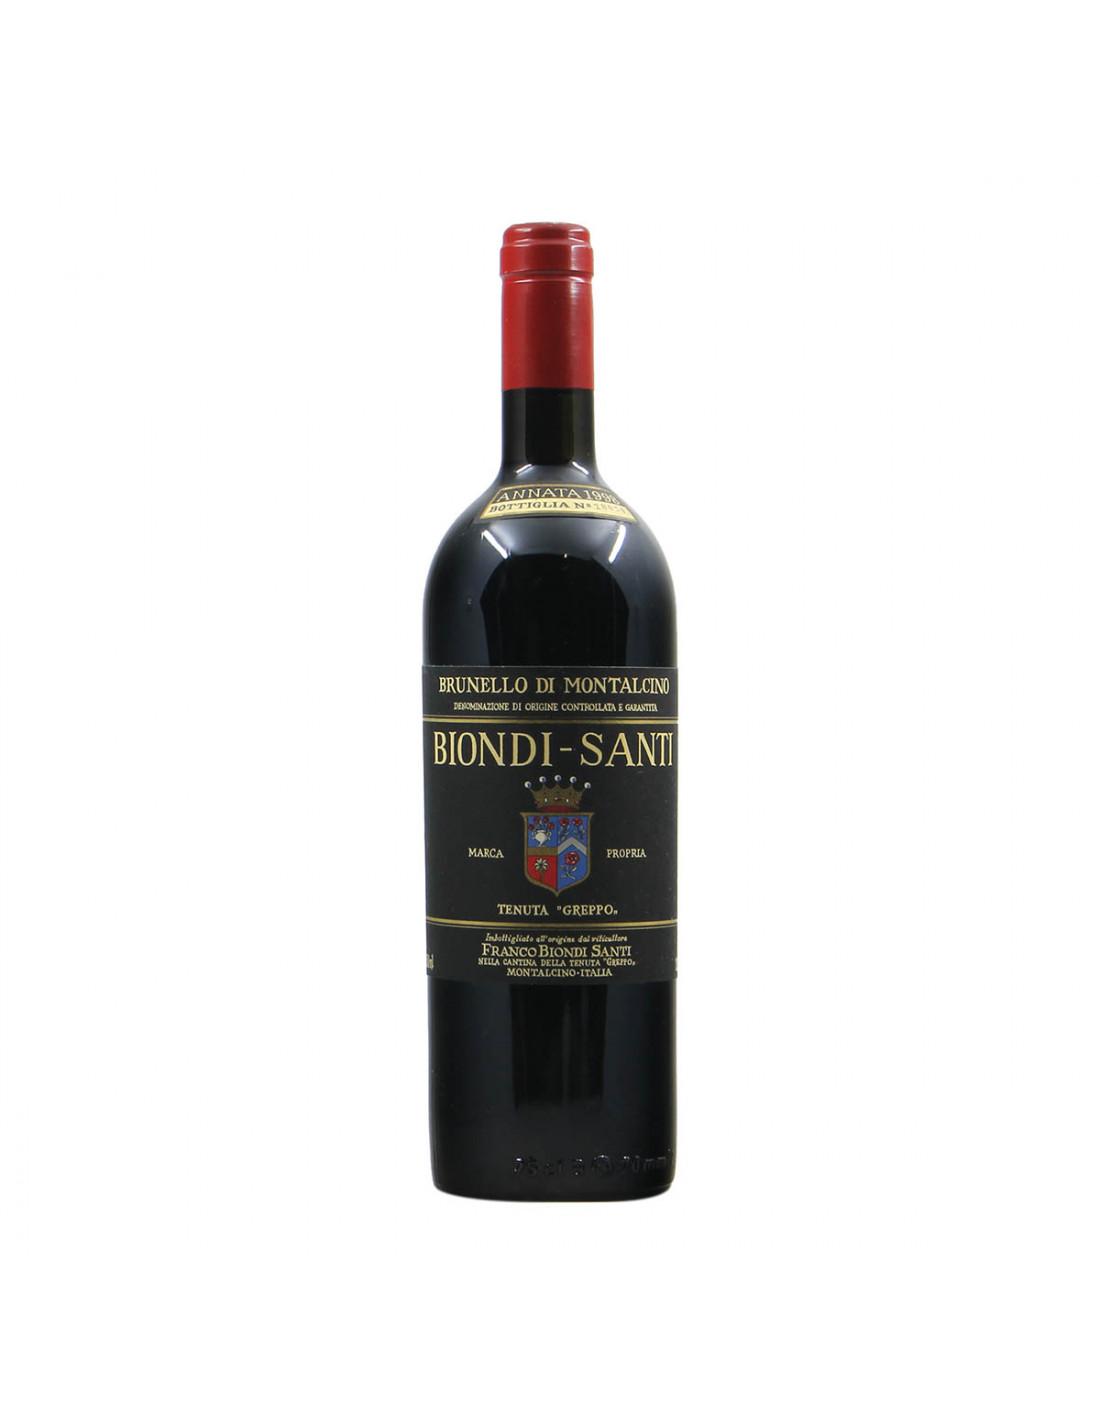 Biondi Santi Brunello di Montalcino 1998 Grandi Bottiglie